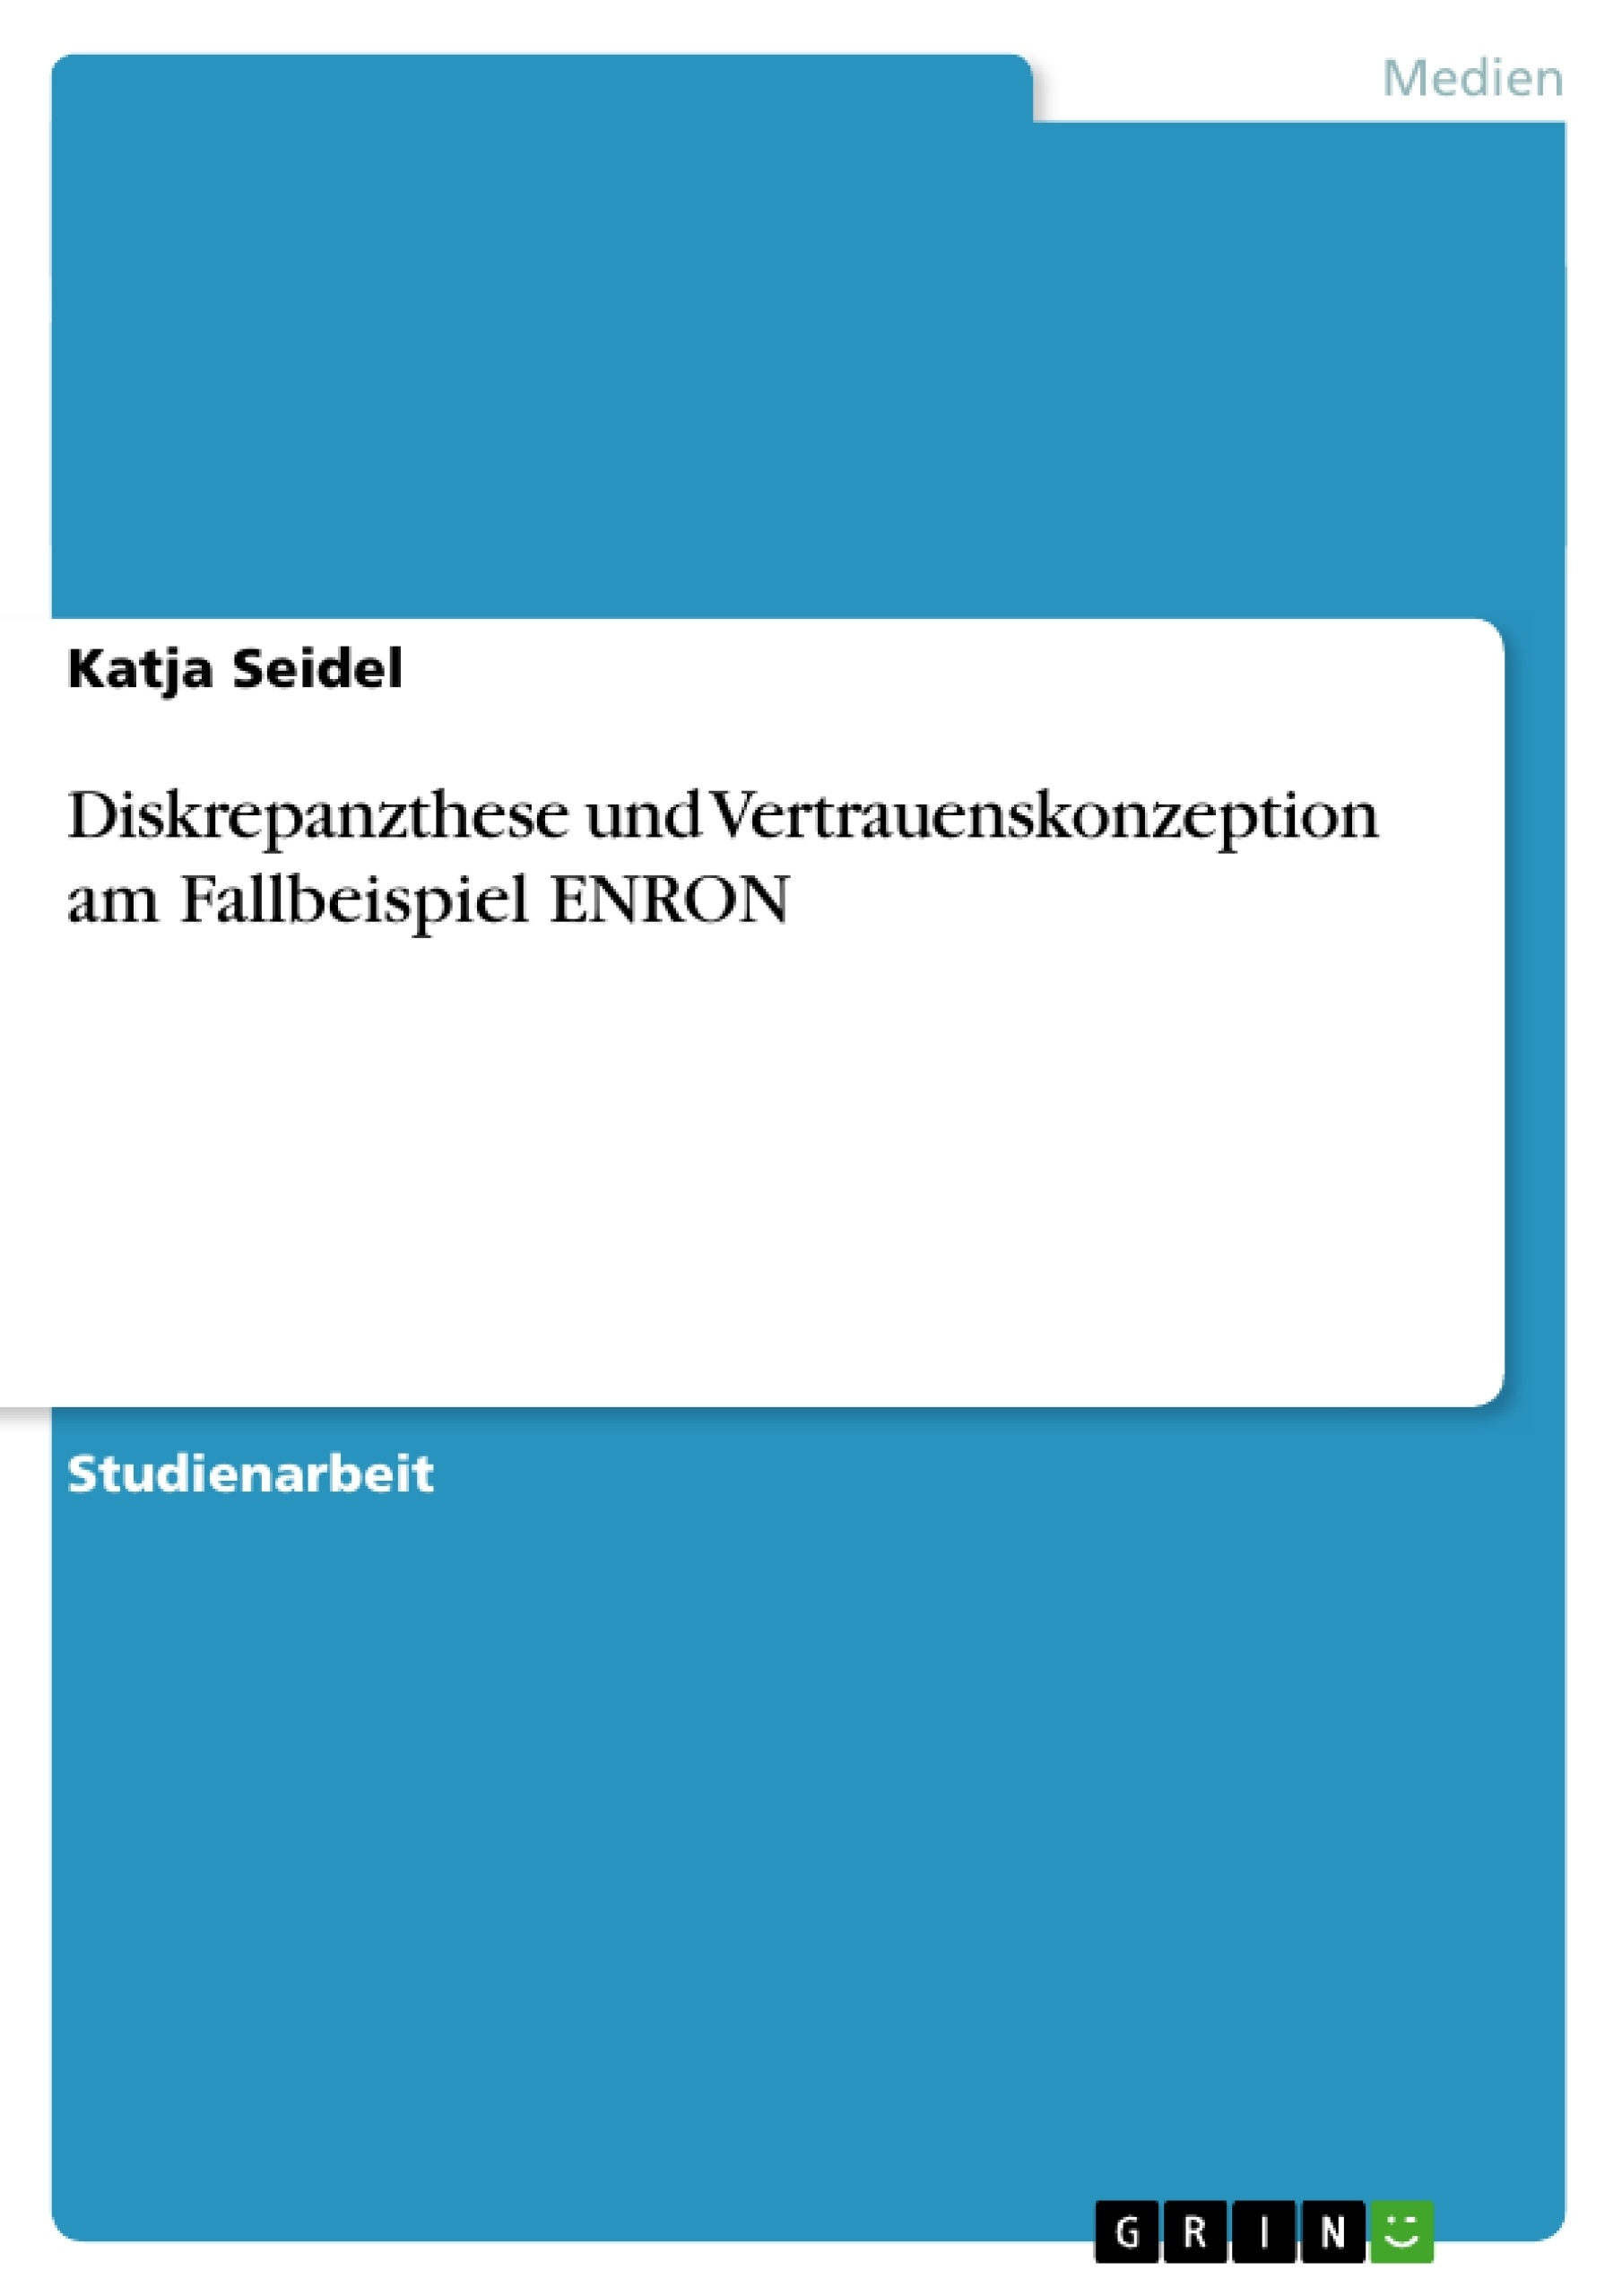 Titel: Diskrepanzthese und Vertrauenskonzeption am Fallbeispiel ENRON